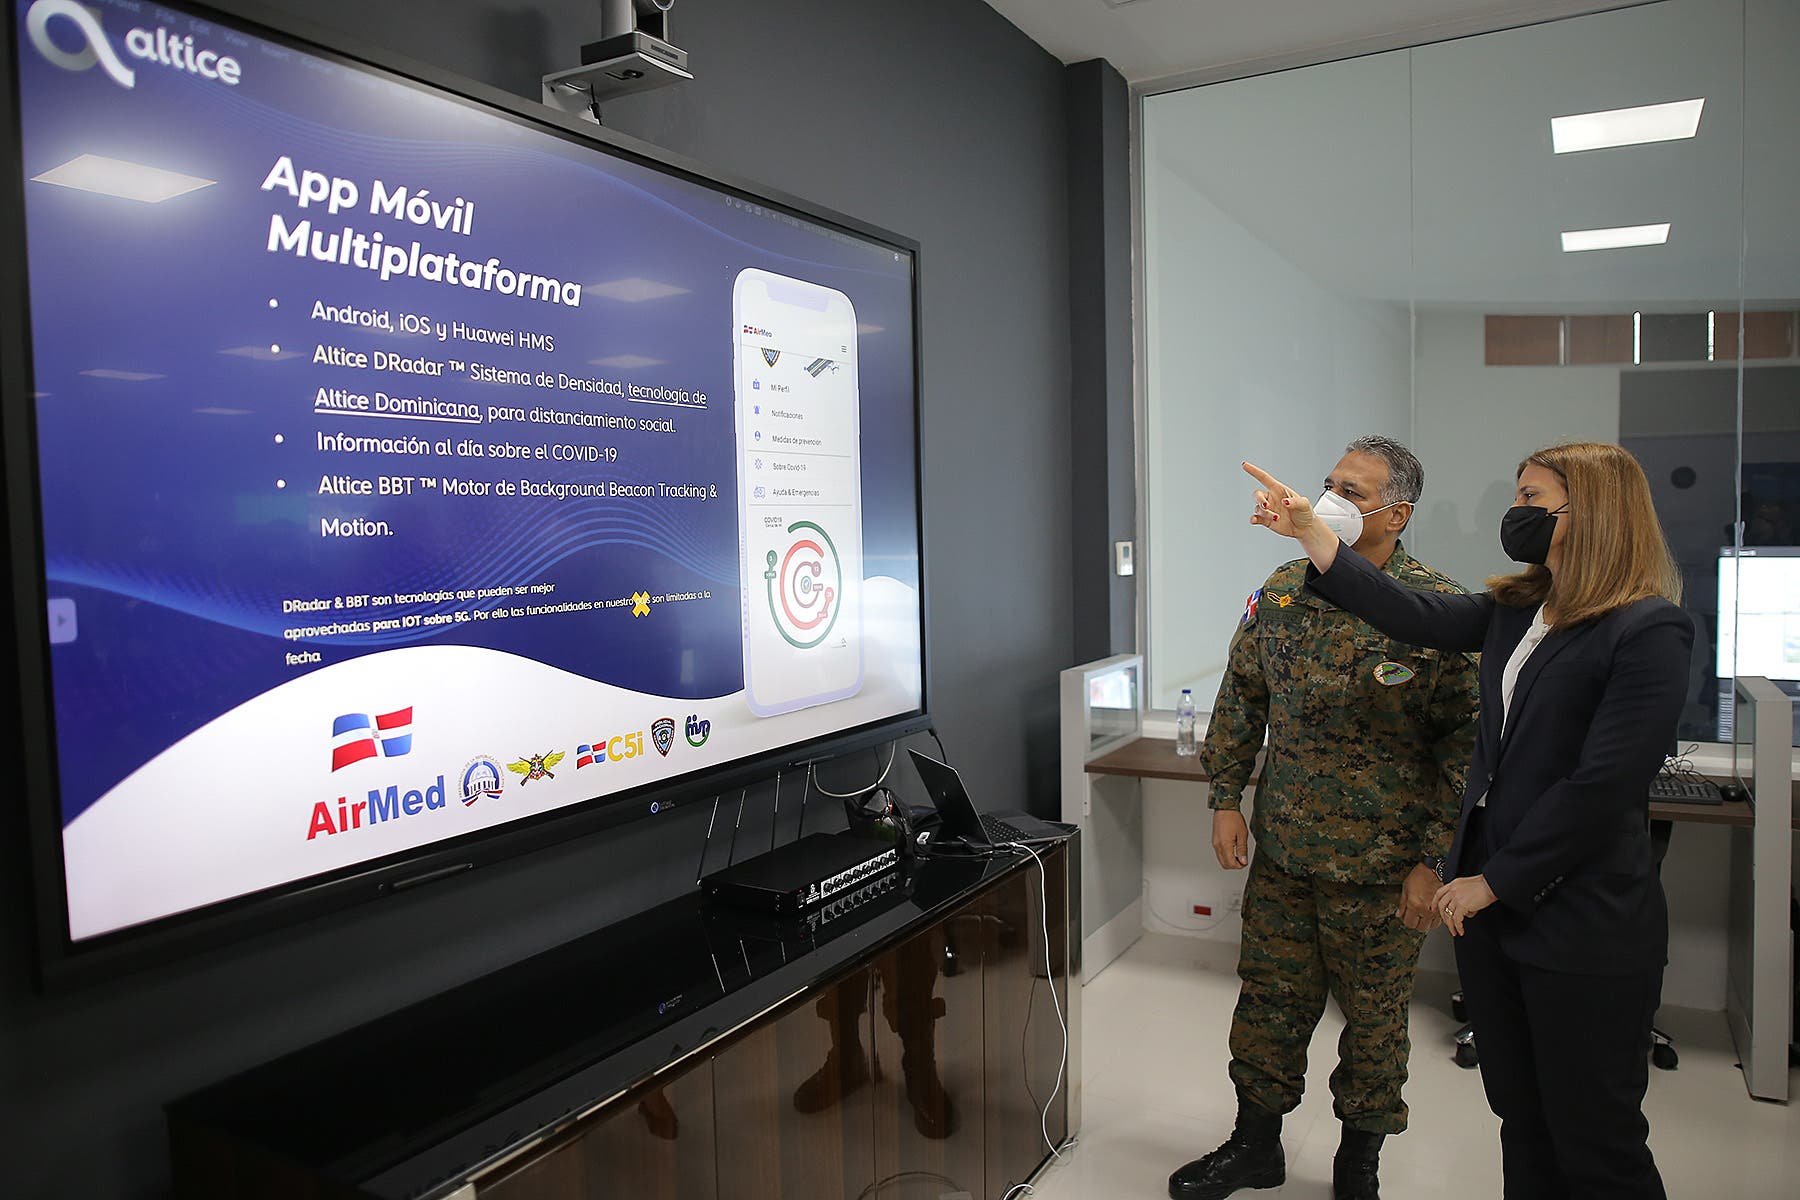 Ministerio de Defensa presenta AIRMED, una App móvil sobre el COVID-19 desarrollada por Altice Dominicana